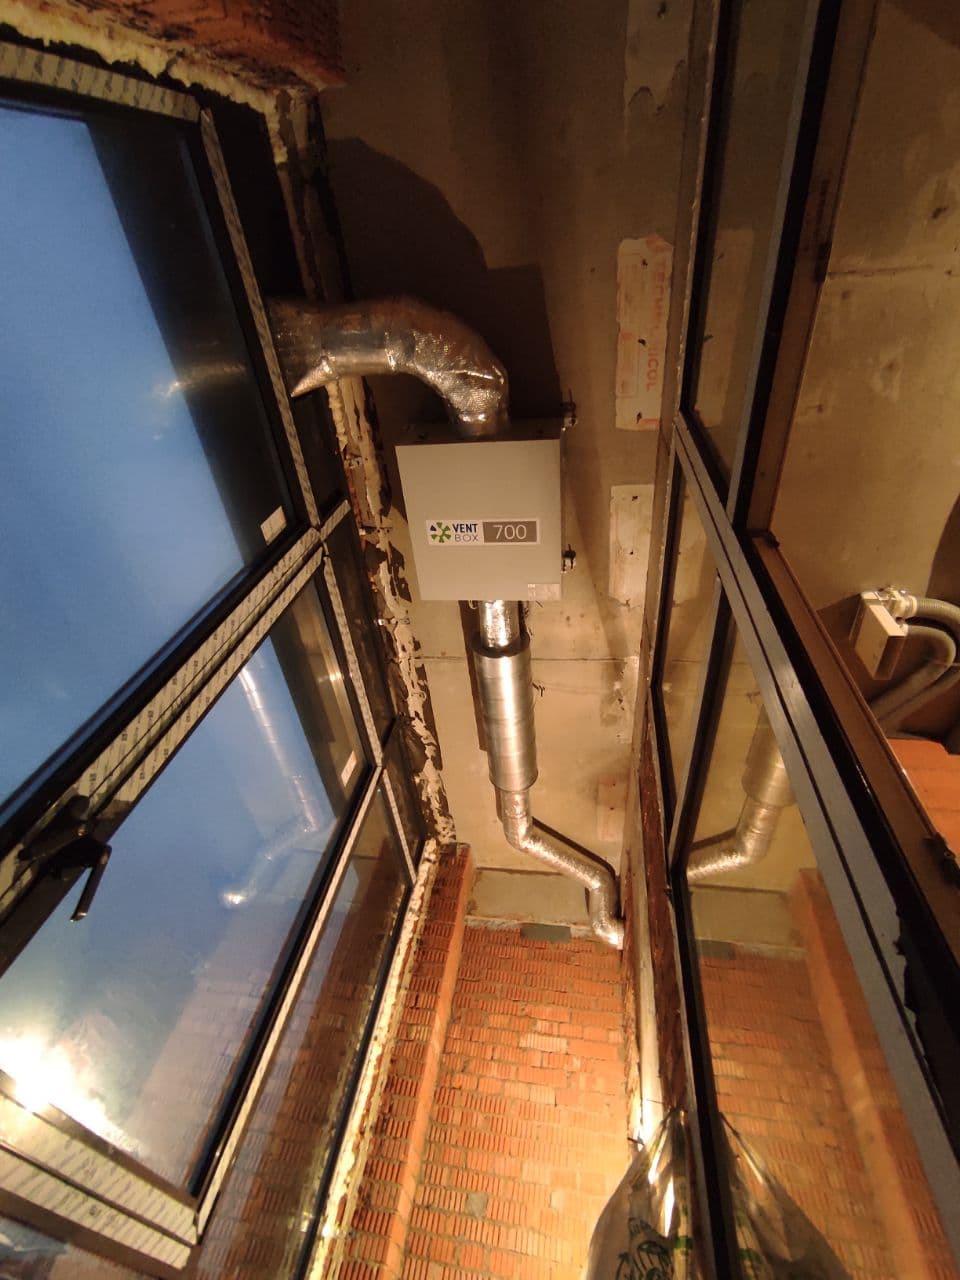 Приточная установка Вентбокс-700 ЕС на лоджии